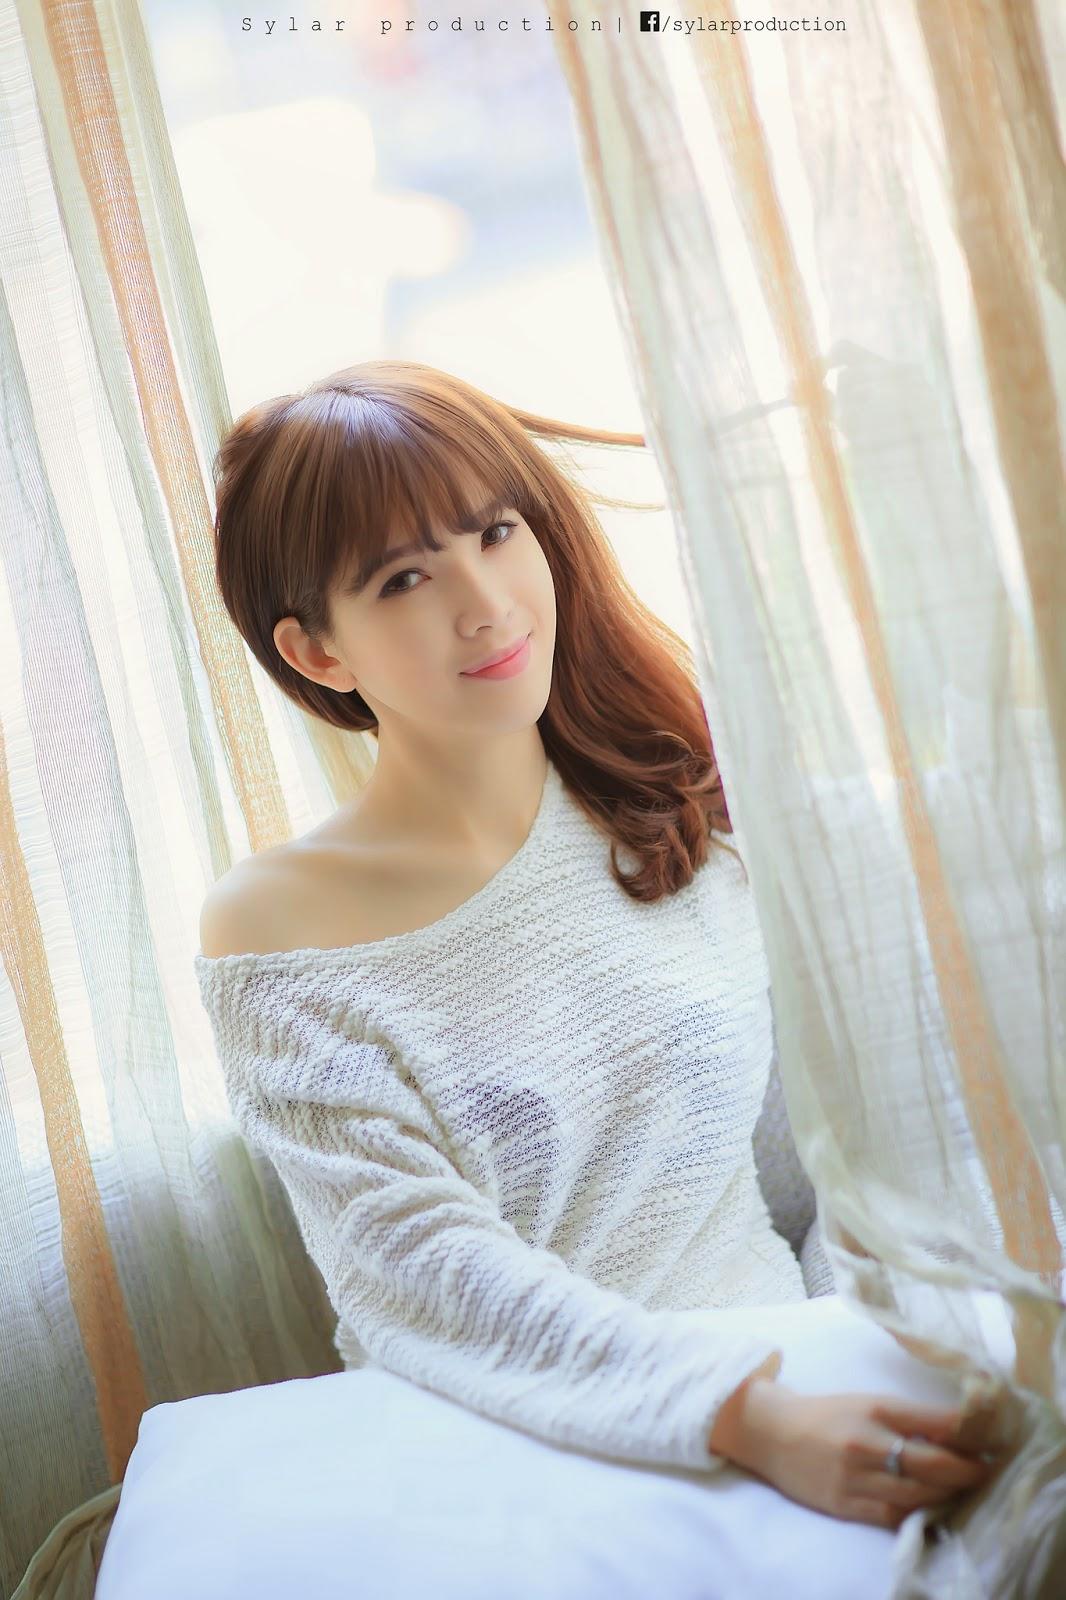 Em gái xinh đẹp tuổi 15